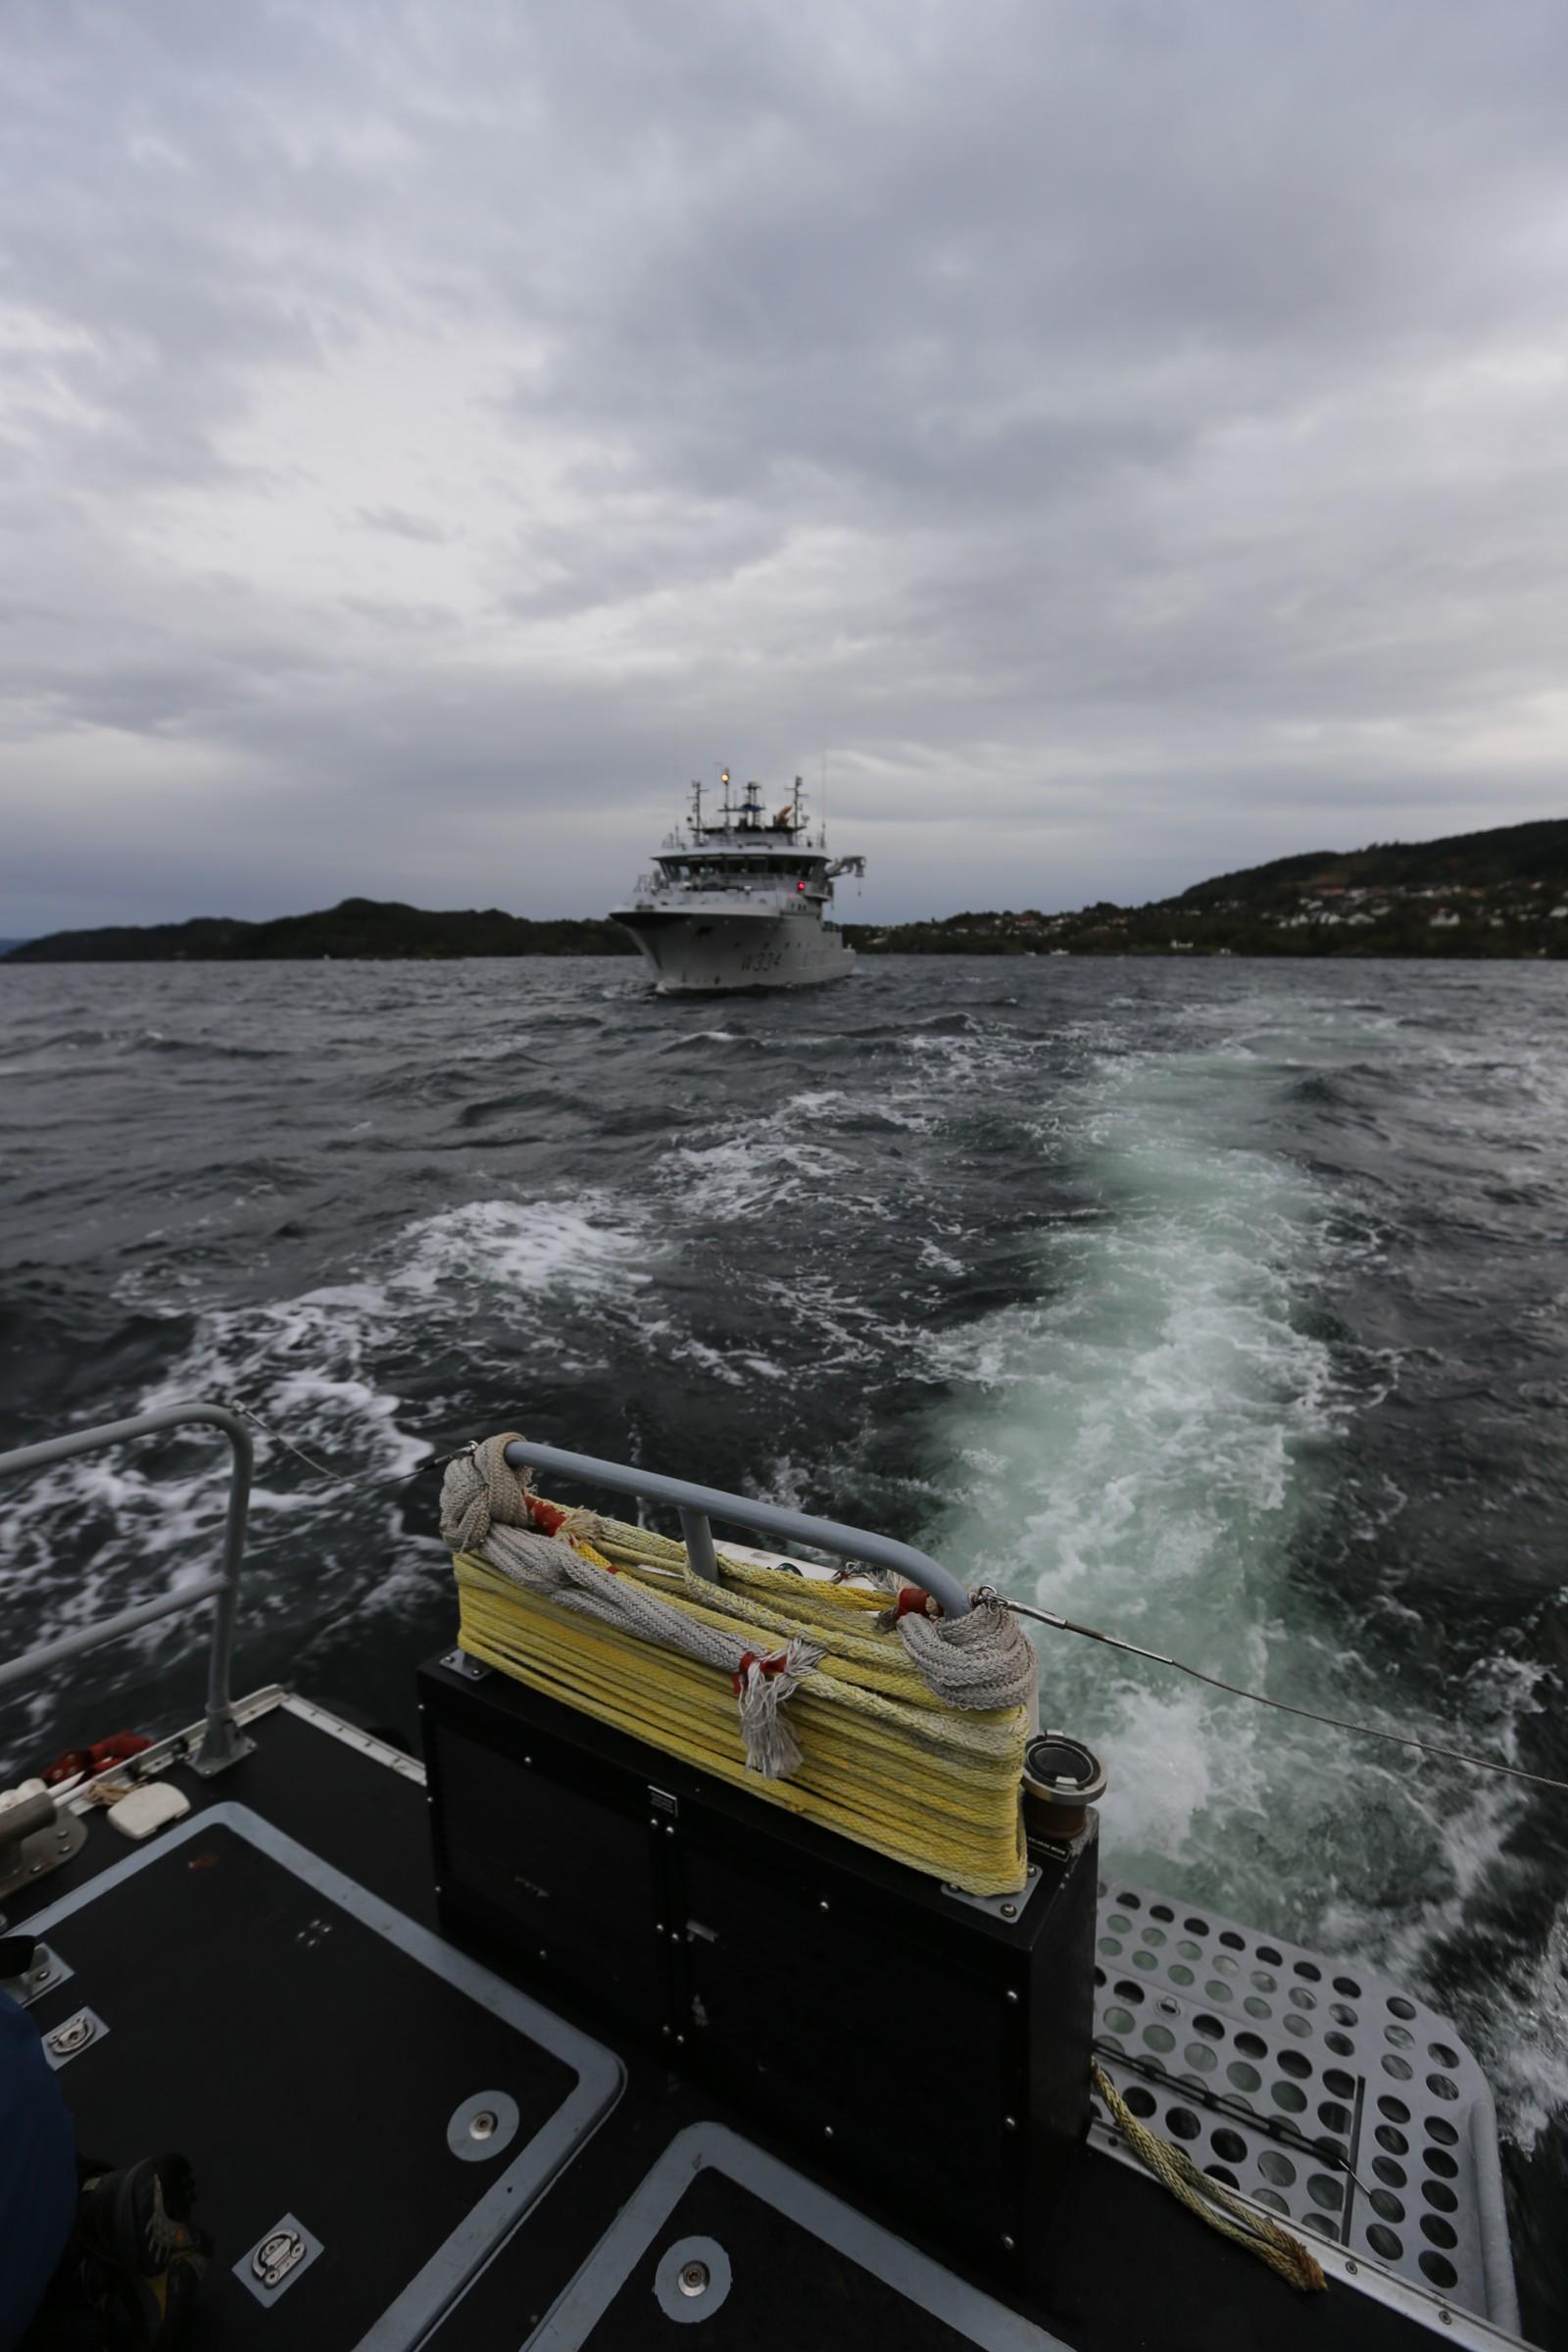 I BJØRNEFJORDEN: Kystvaktskipet Tor, her avbildet på avstand fra lettbåten, ser kanskje liten ut på avstand, men den er nesten 50 meter lang og har 14 manns besetning.